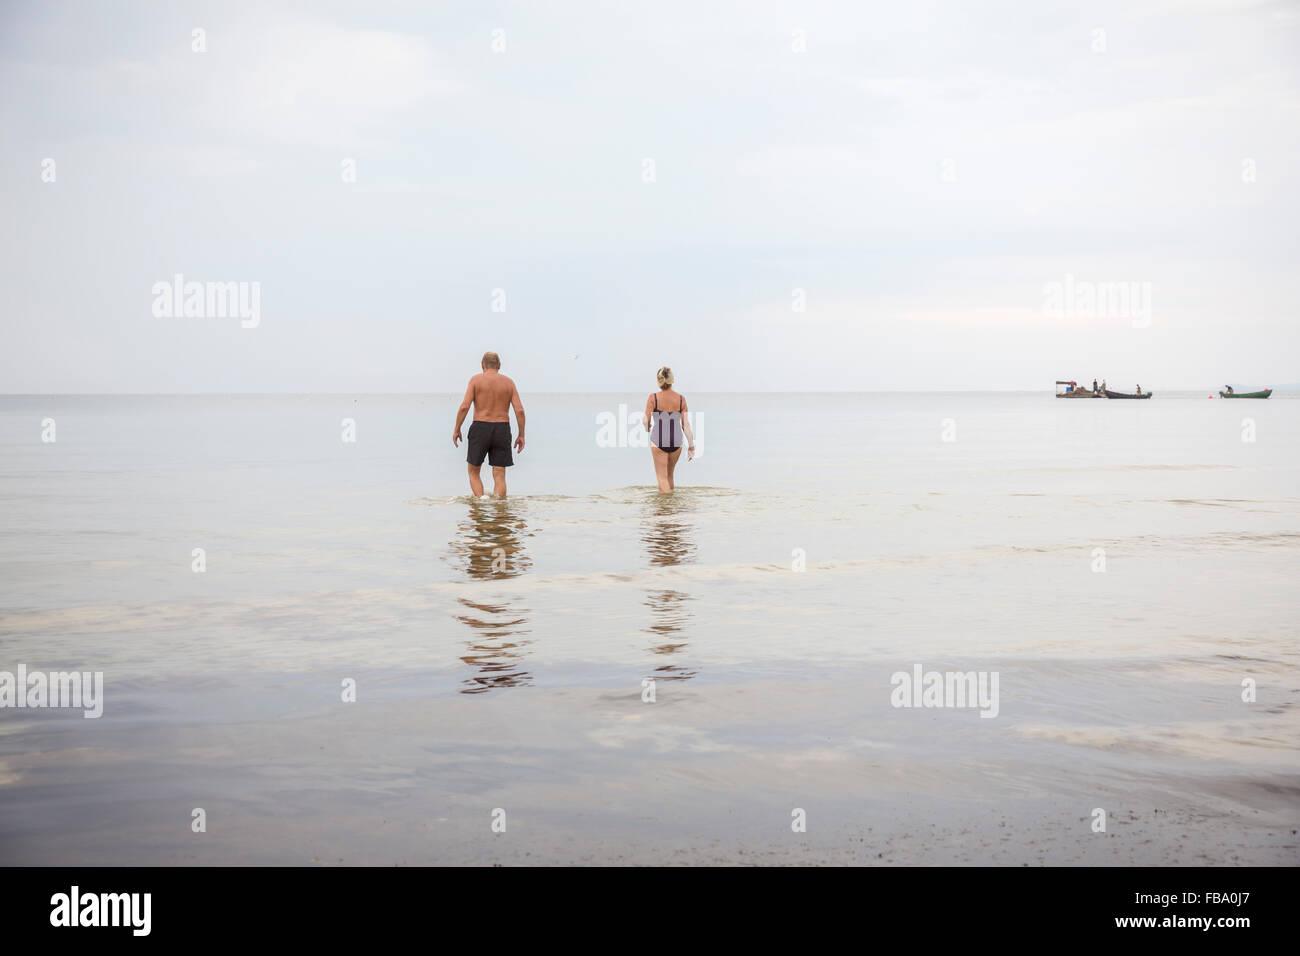 Schweden, Skane, Ahus, Mann und Frau in Wasser Stockbild